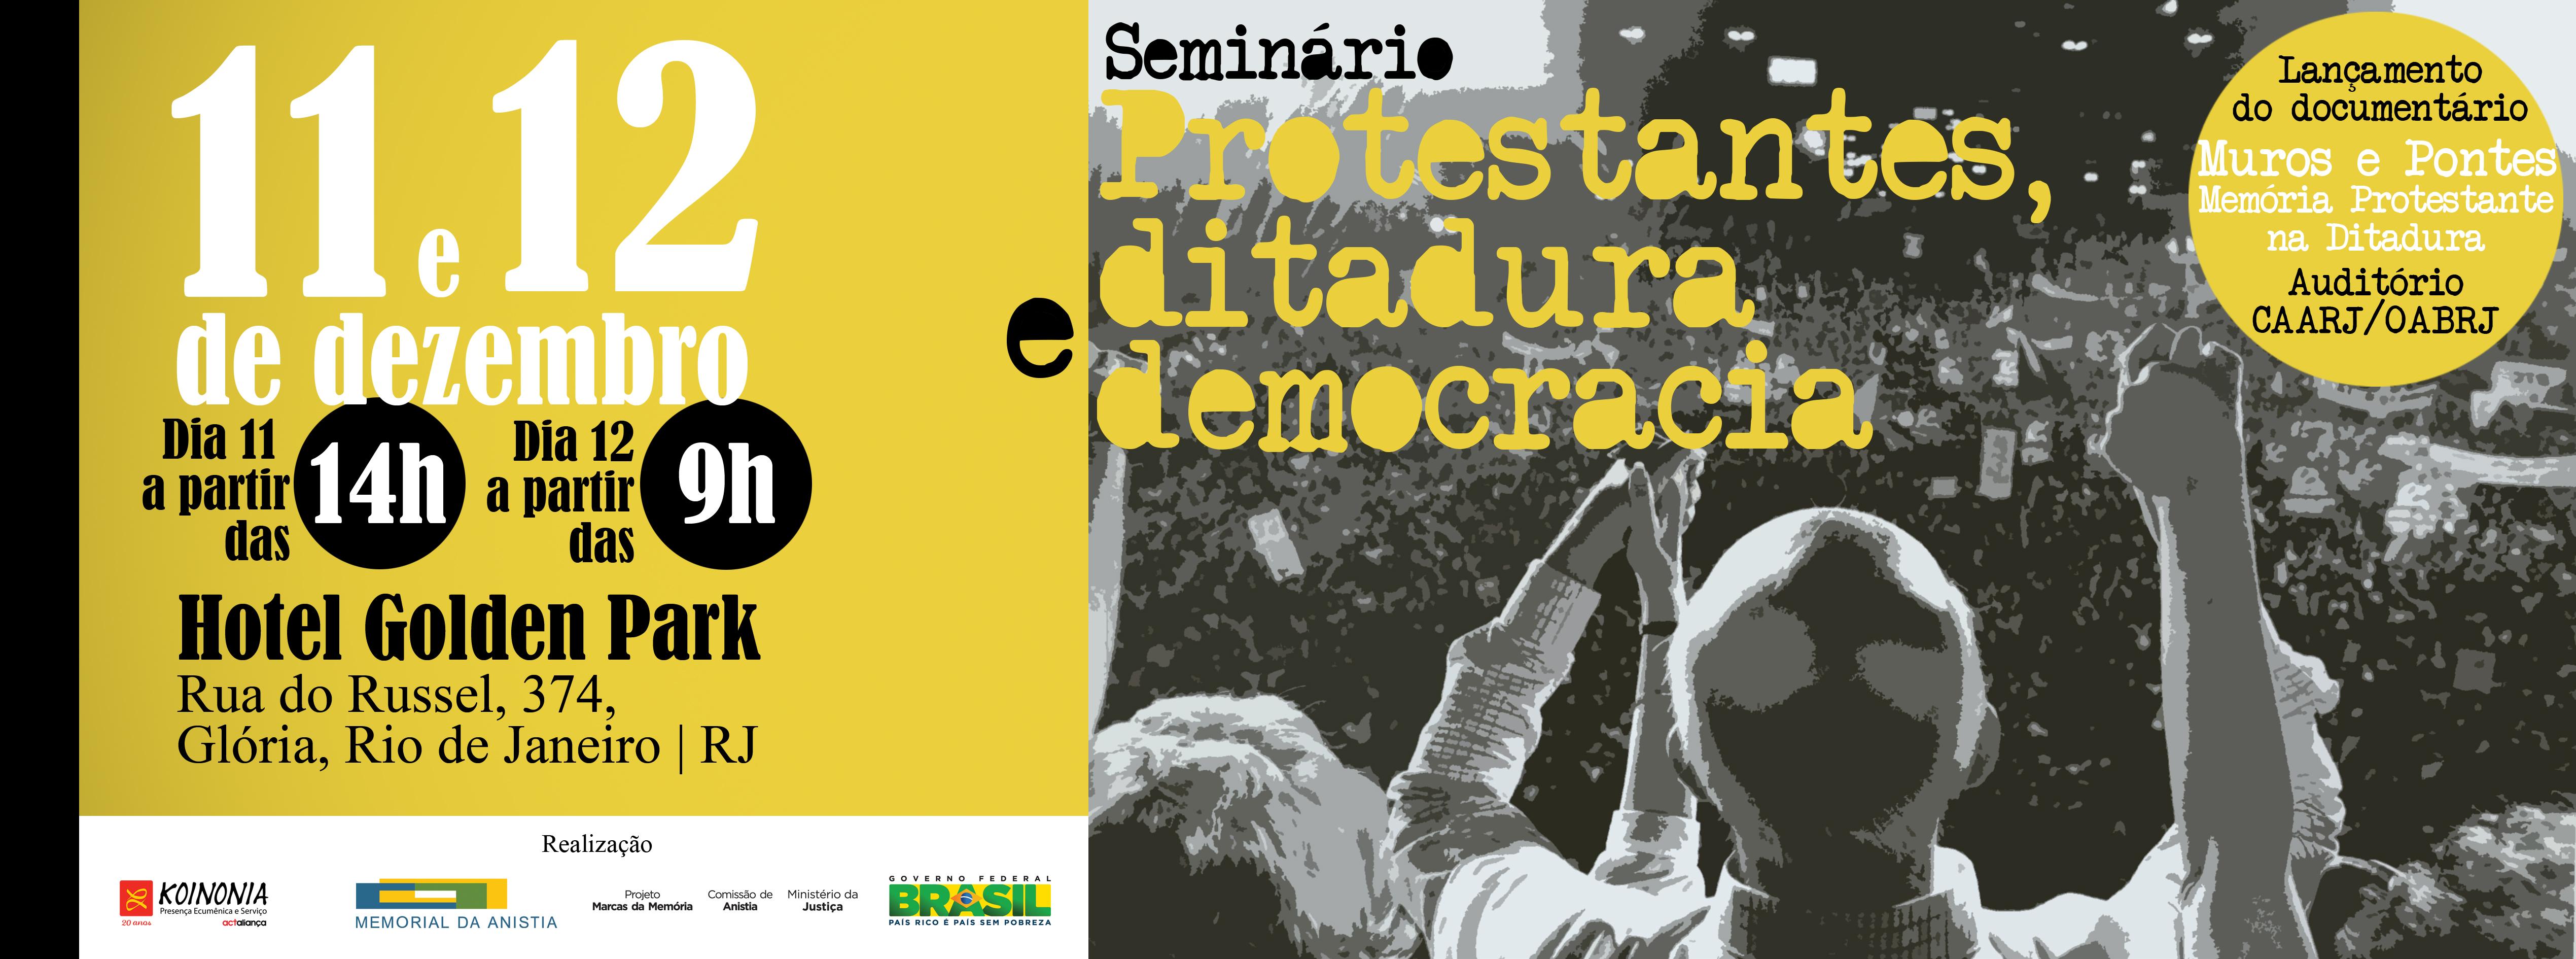 Projeto revela memórias dos militantes protestantes durante a ditadura